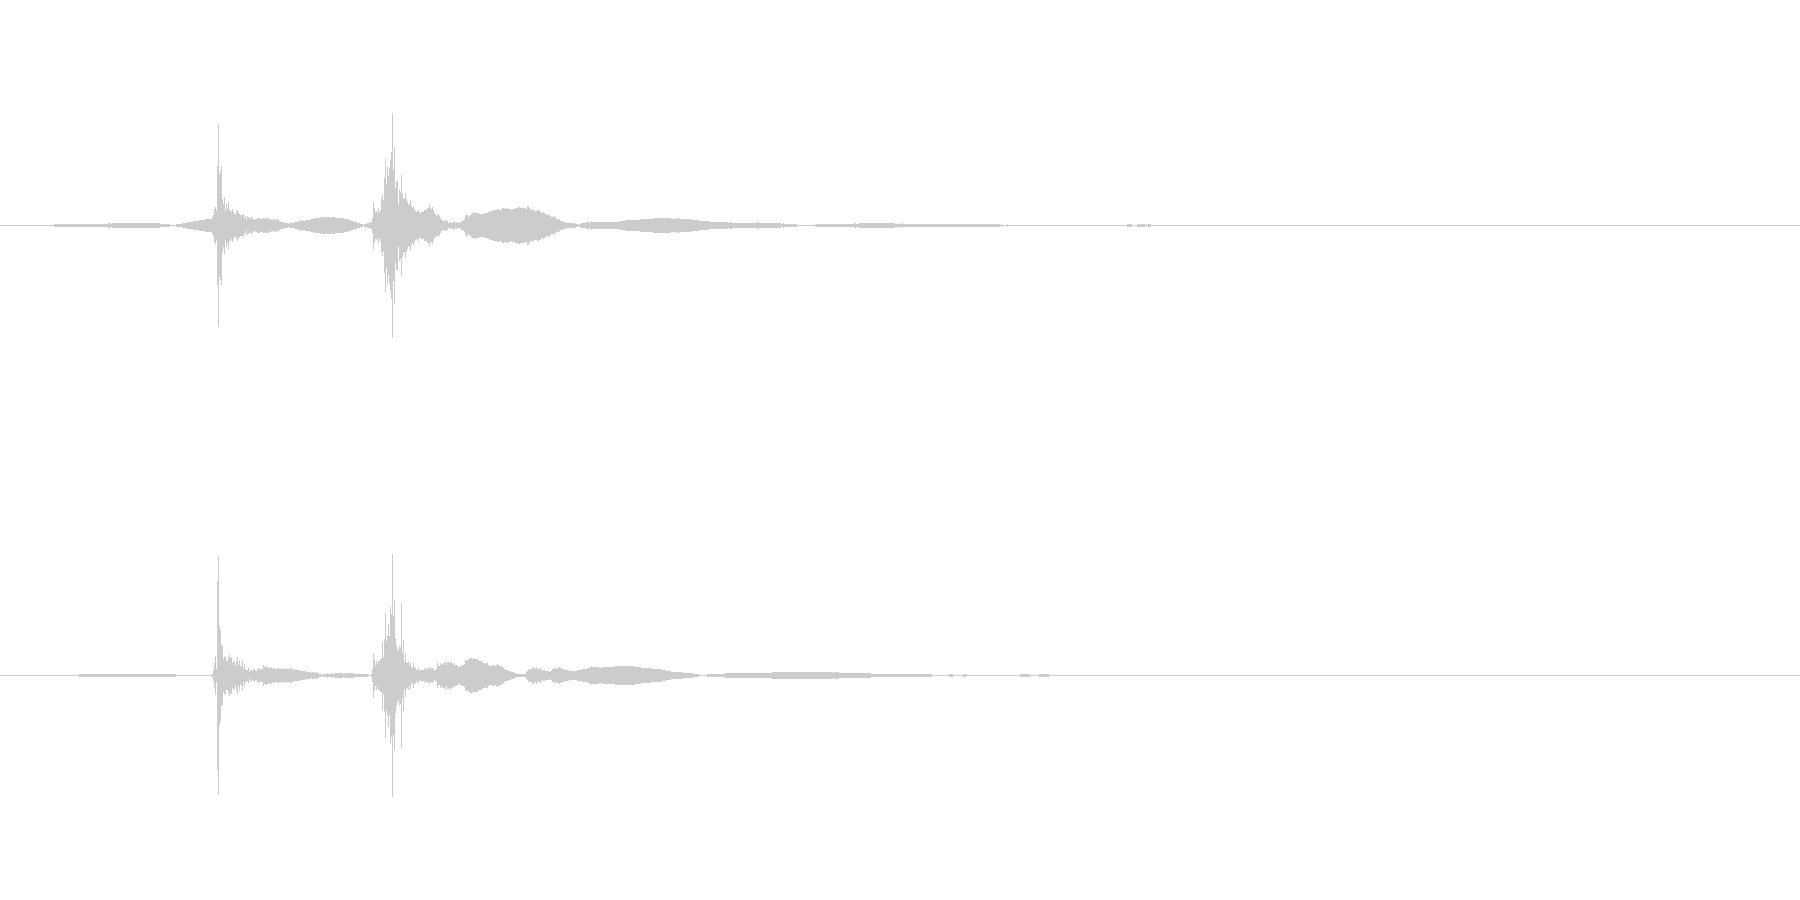 ベチャ(水分を含むものが落下)の未再生の波形